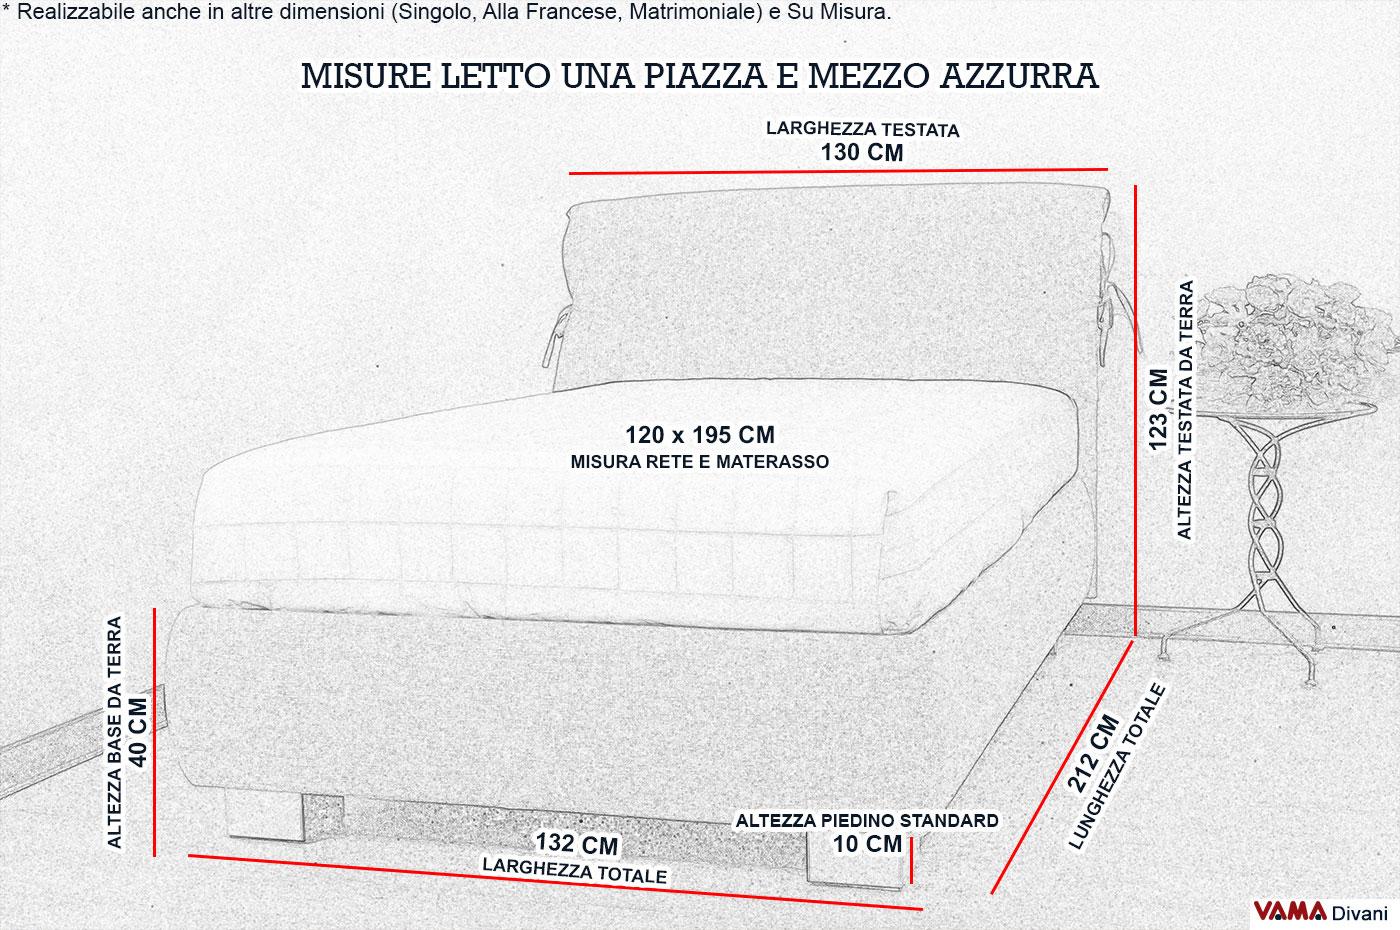 Dimensioni letti singoli letto imbottito singolo venezia fatto interamente a mano in italia - Letto una piazza e mezzo misure ...